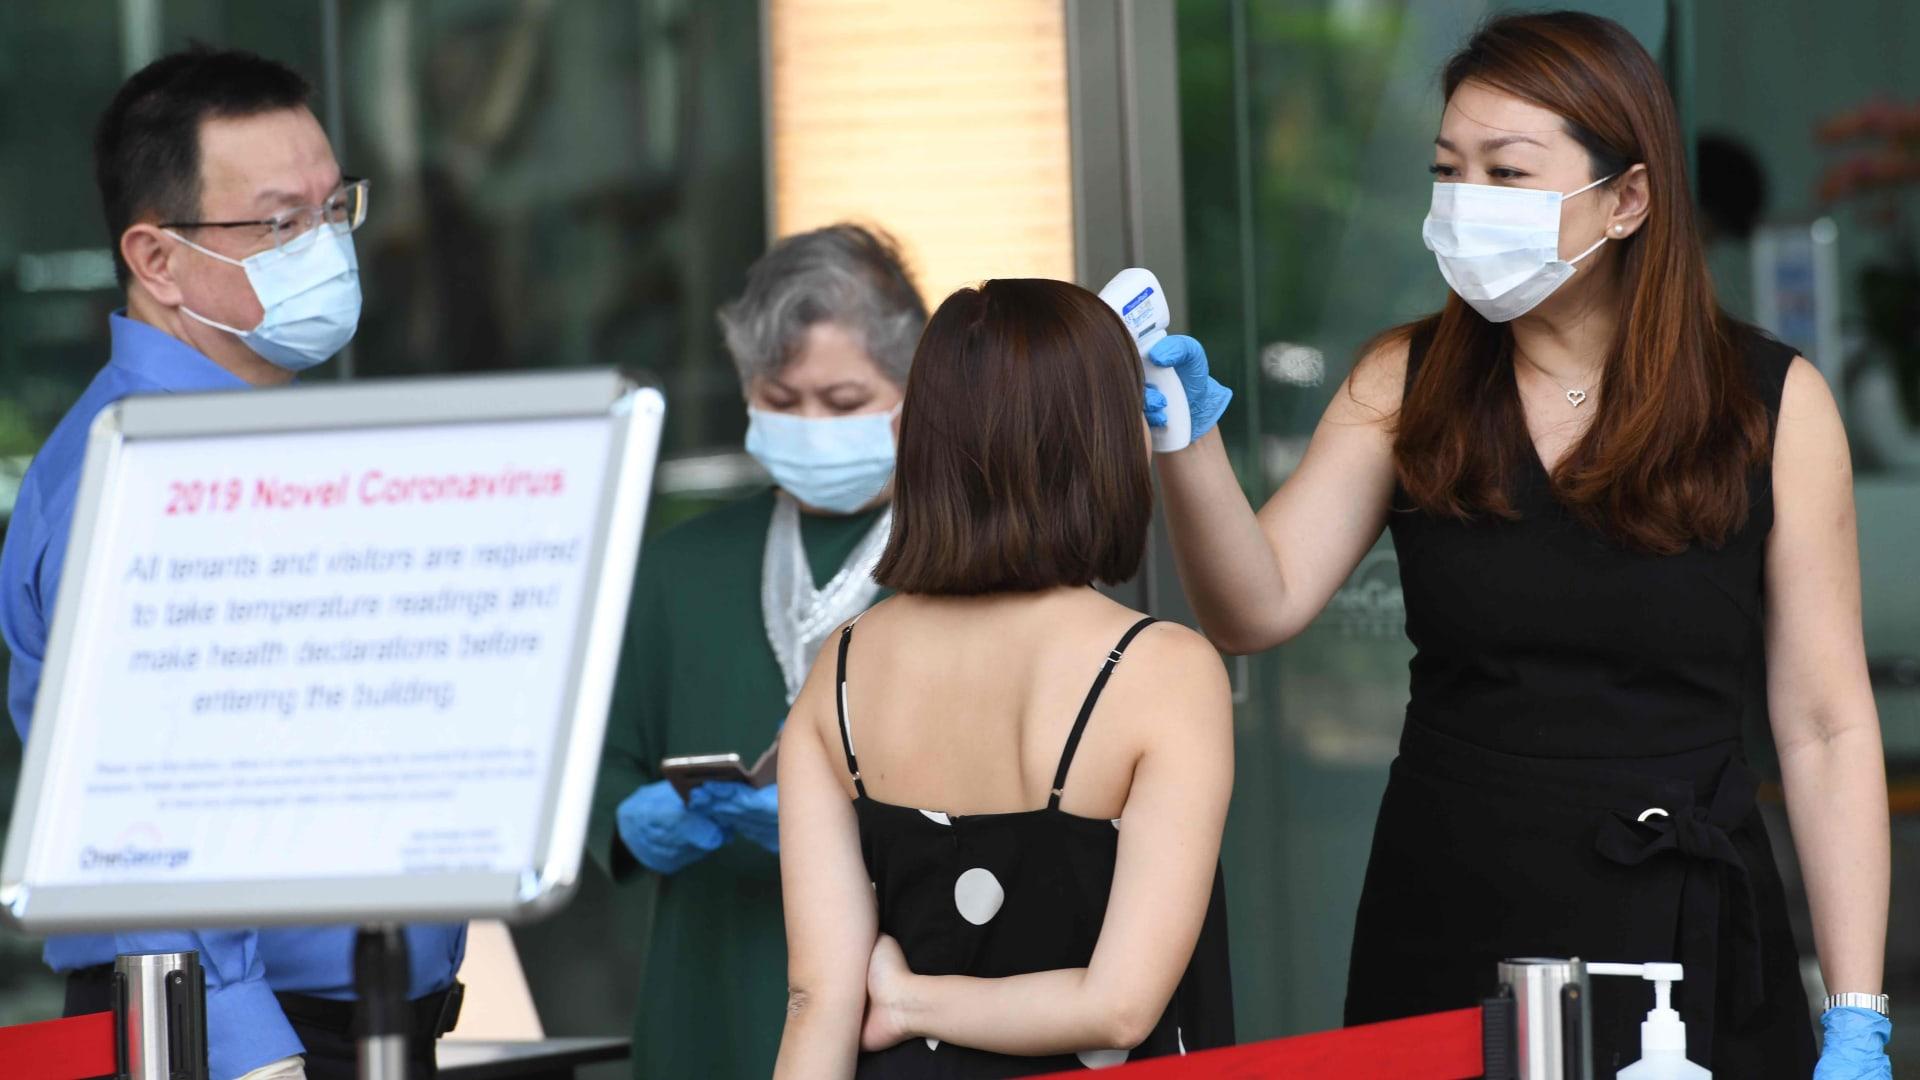 مودرنا: لقاح كورونا فعال بنسبة 100% ضد الأمراض الشديدة التي يسببها الفيروس